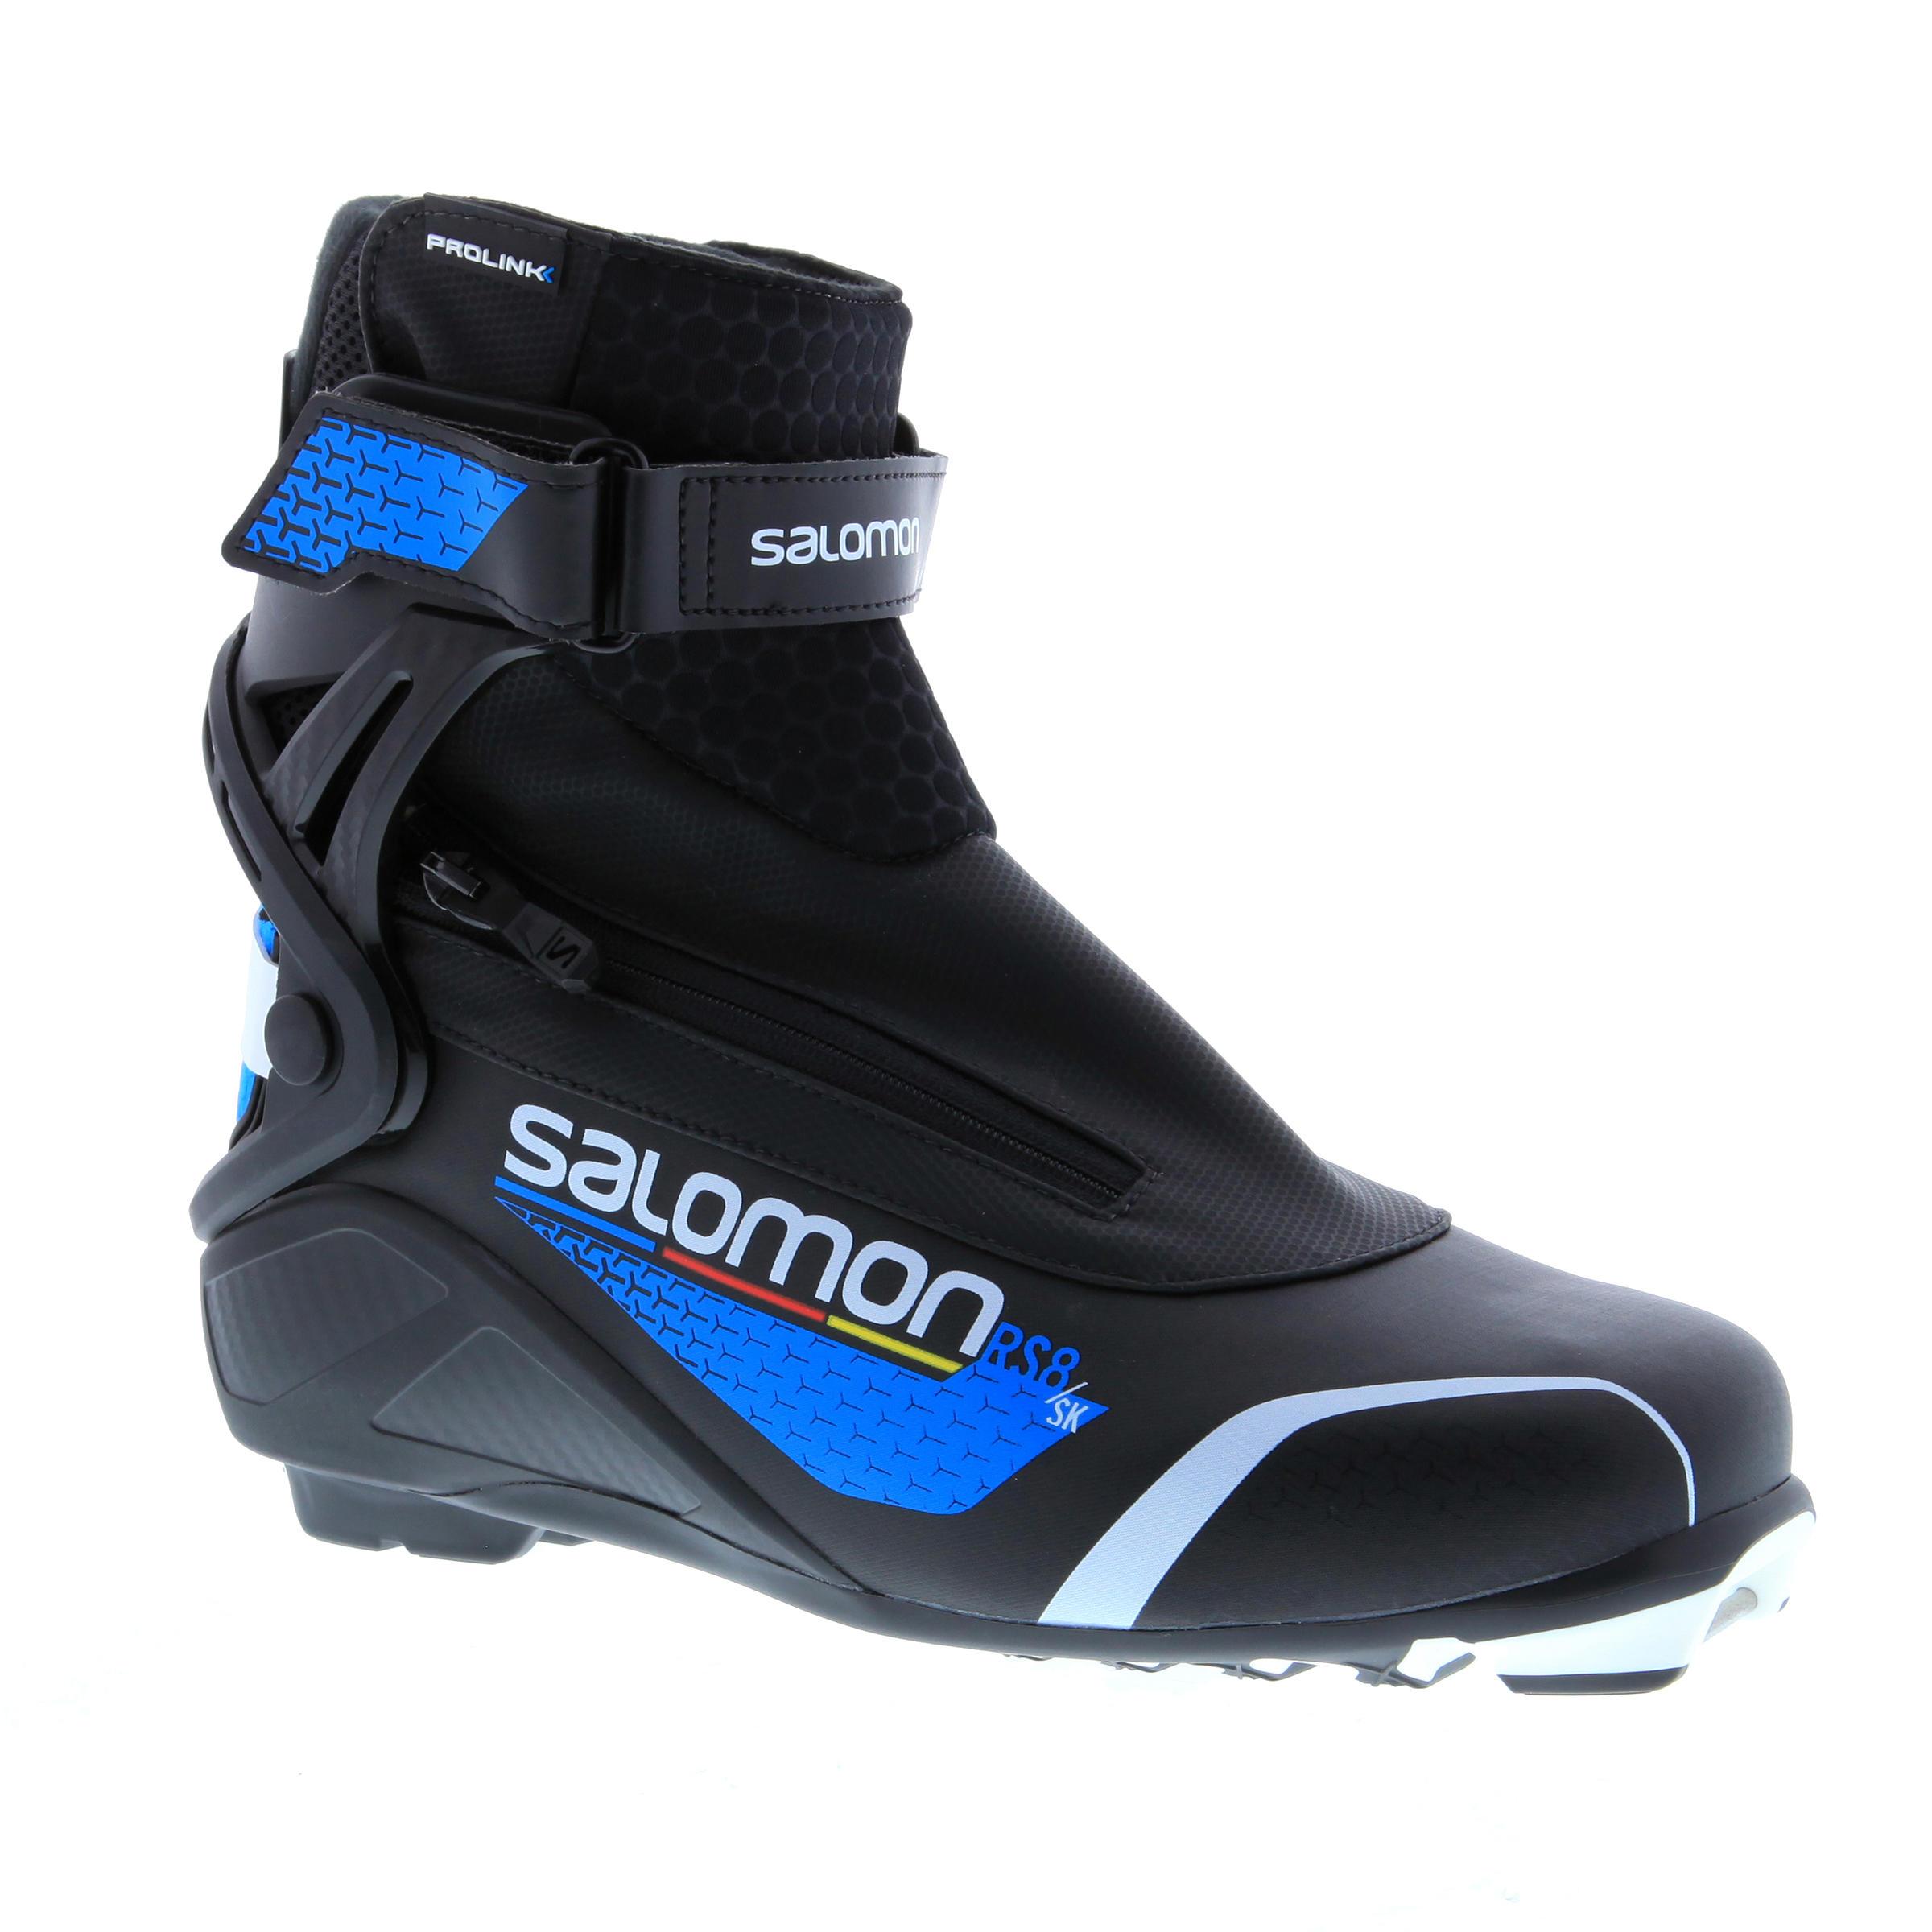 d17eeadffaa Salomon Skating langlaufschoenen voor heren XC S Boots RS8   Decathlon